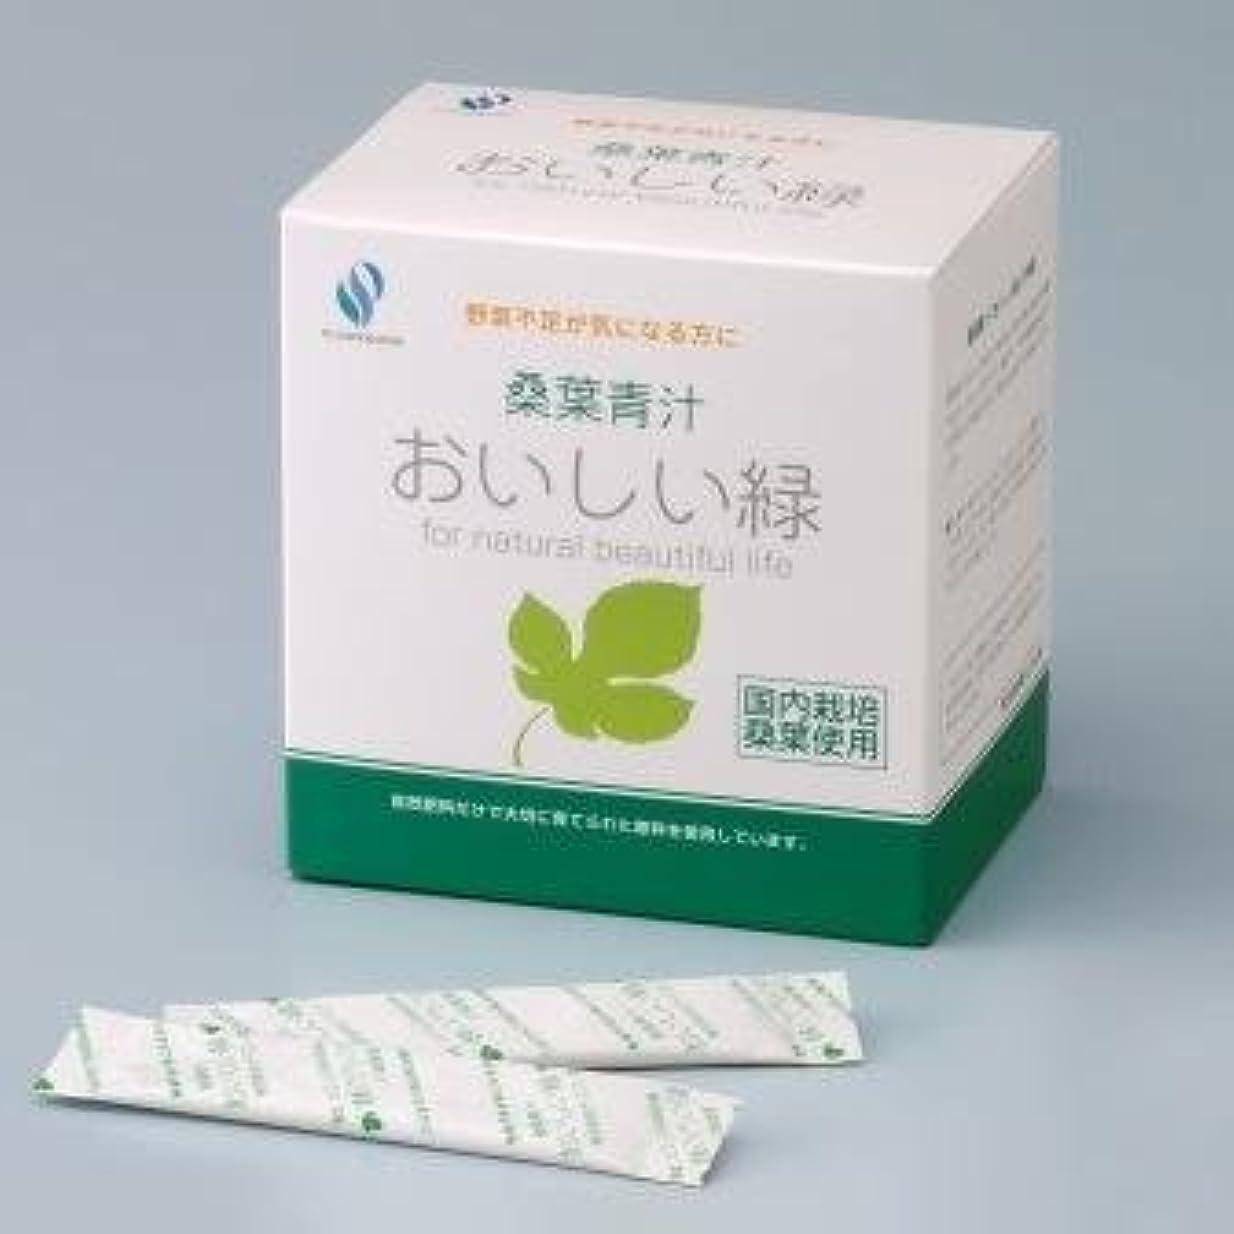 設計同行贅沢【栄養補助食品】 桑葉青汁 おいしい緑 (本体(2gx60本入り))